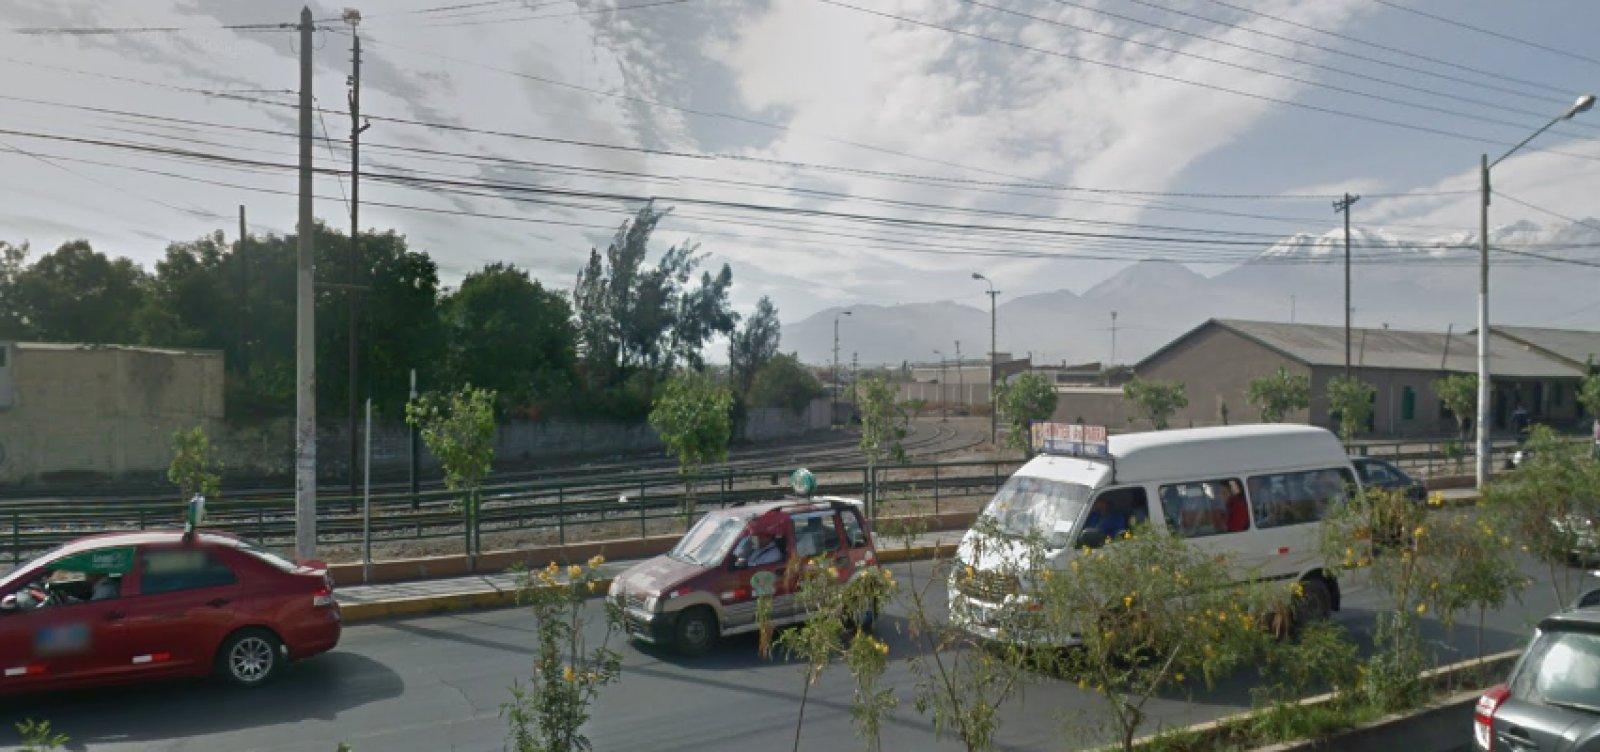 [Terremoto de 7,3 graus na escala Richter atinge Arequipa, no Peru]